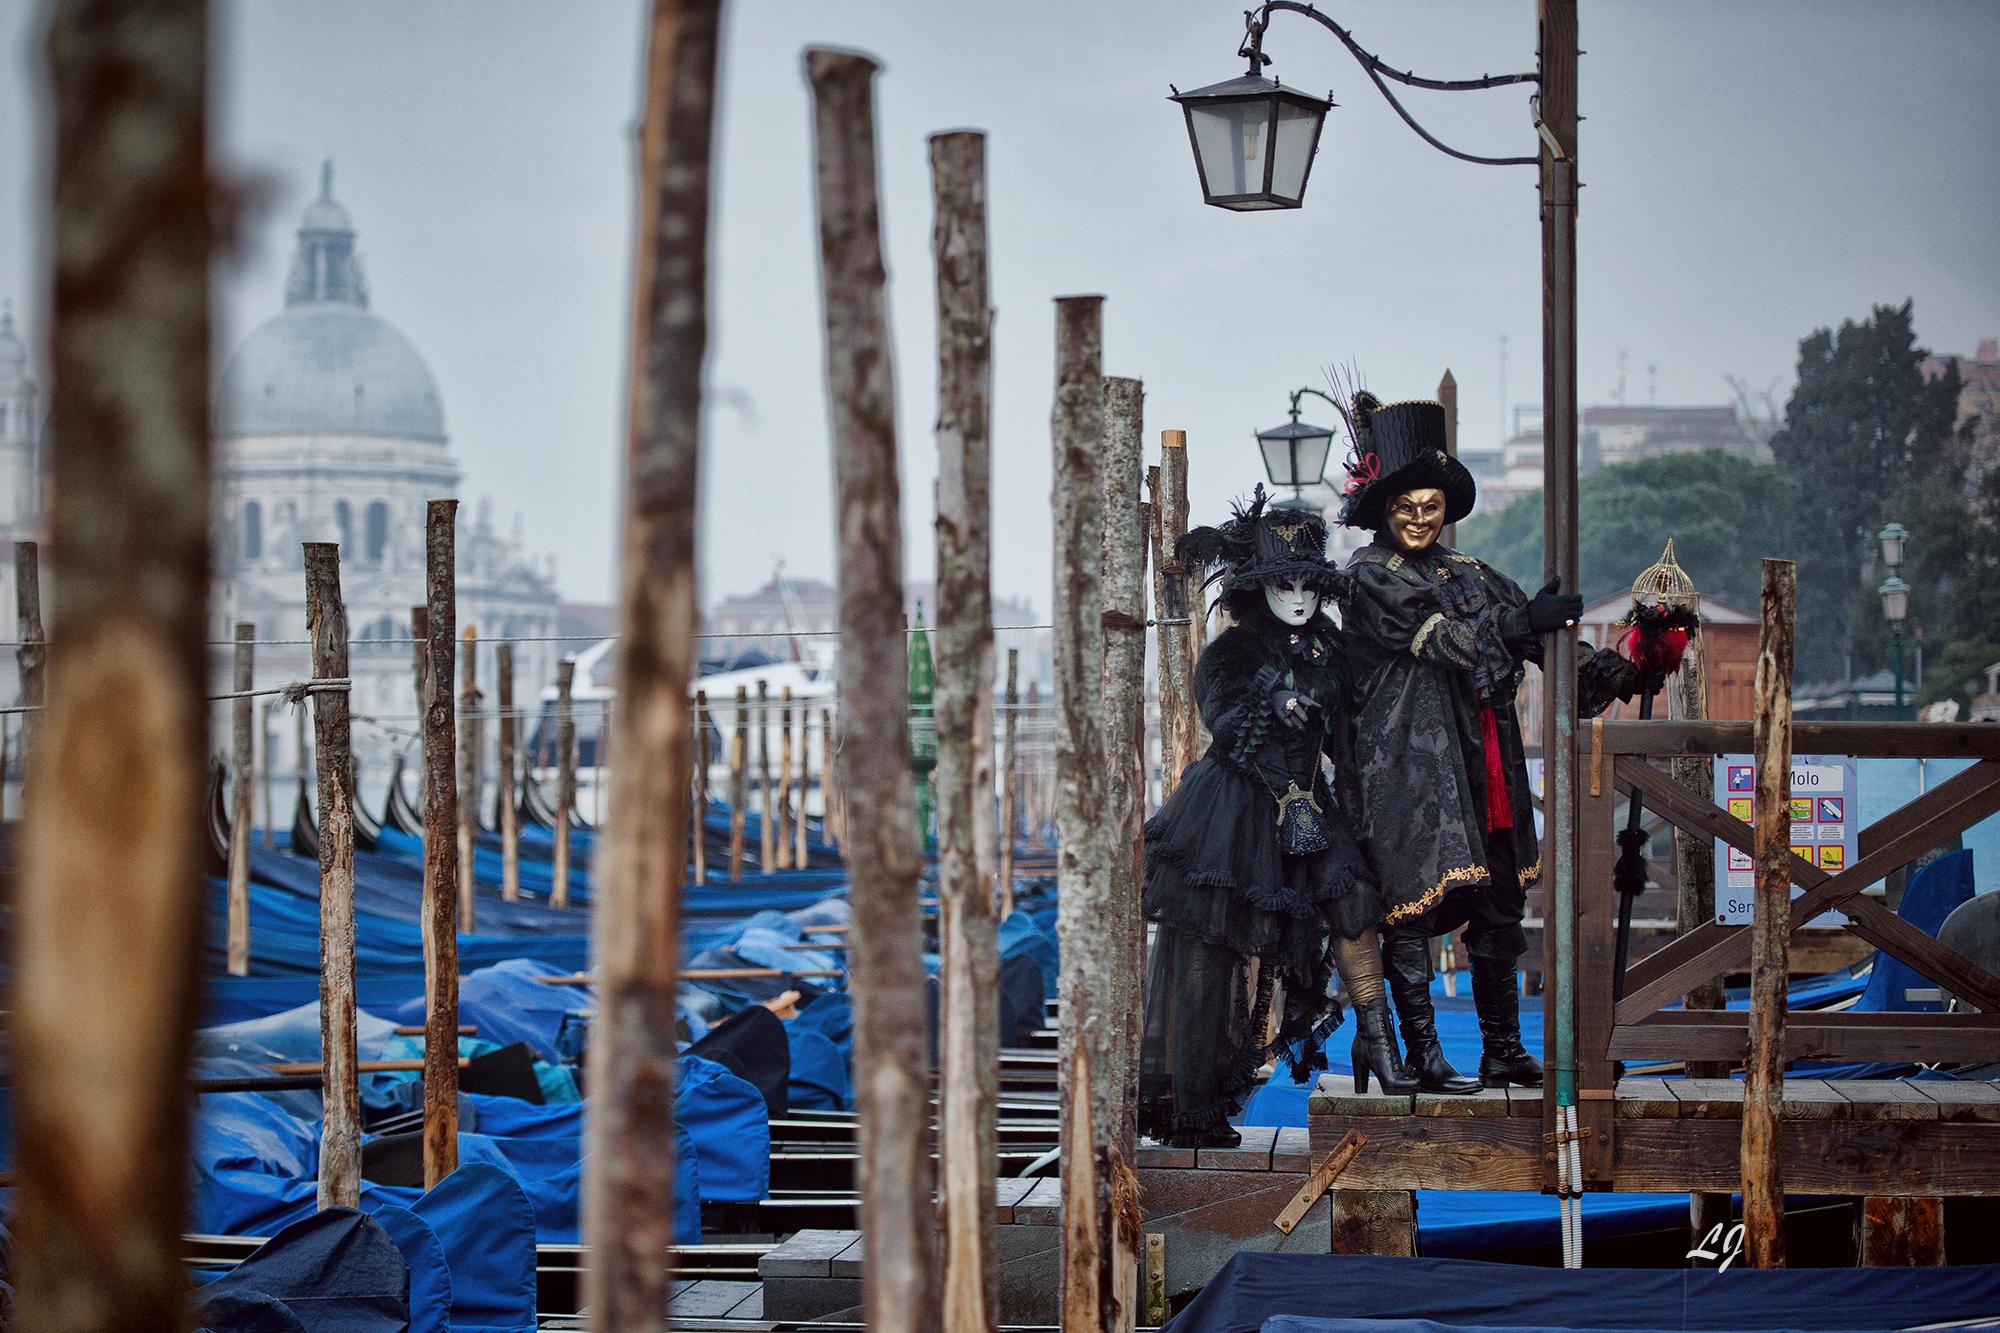 Meilleur photos Carnaval de Venise 2018 laure jacquemin (68)